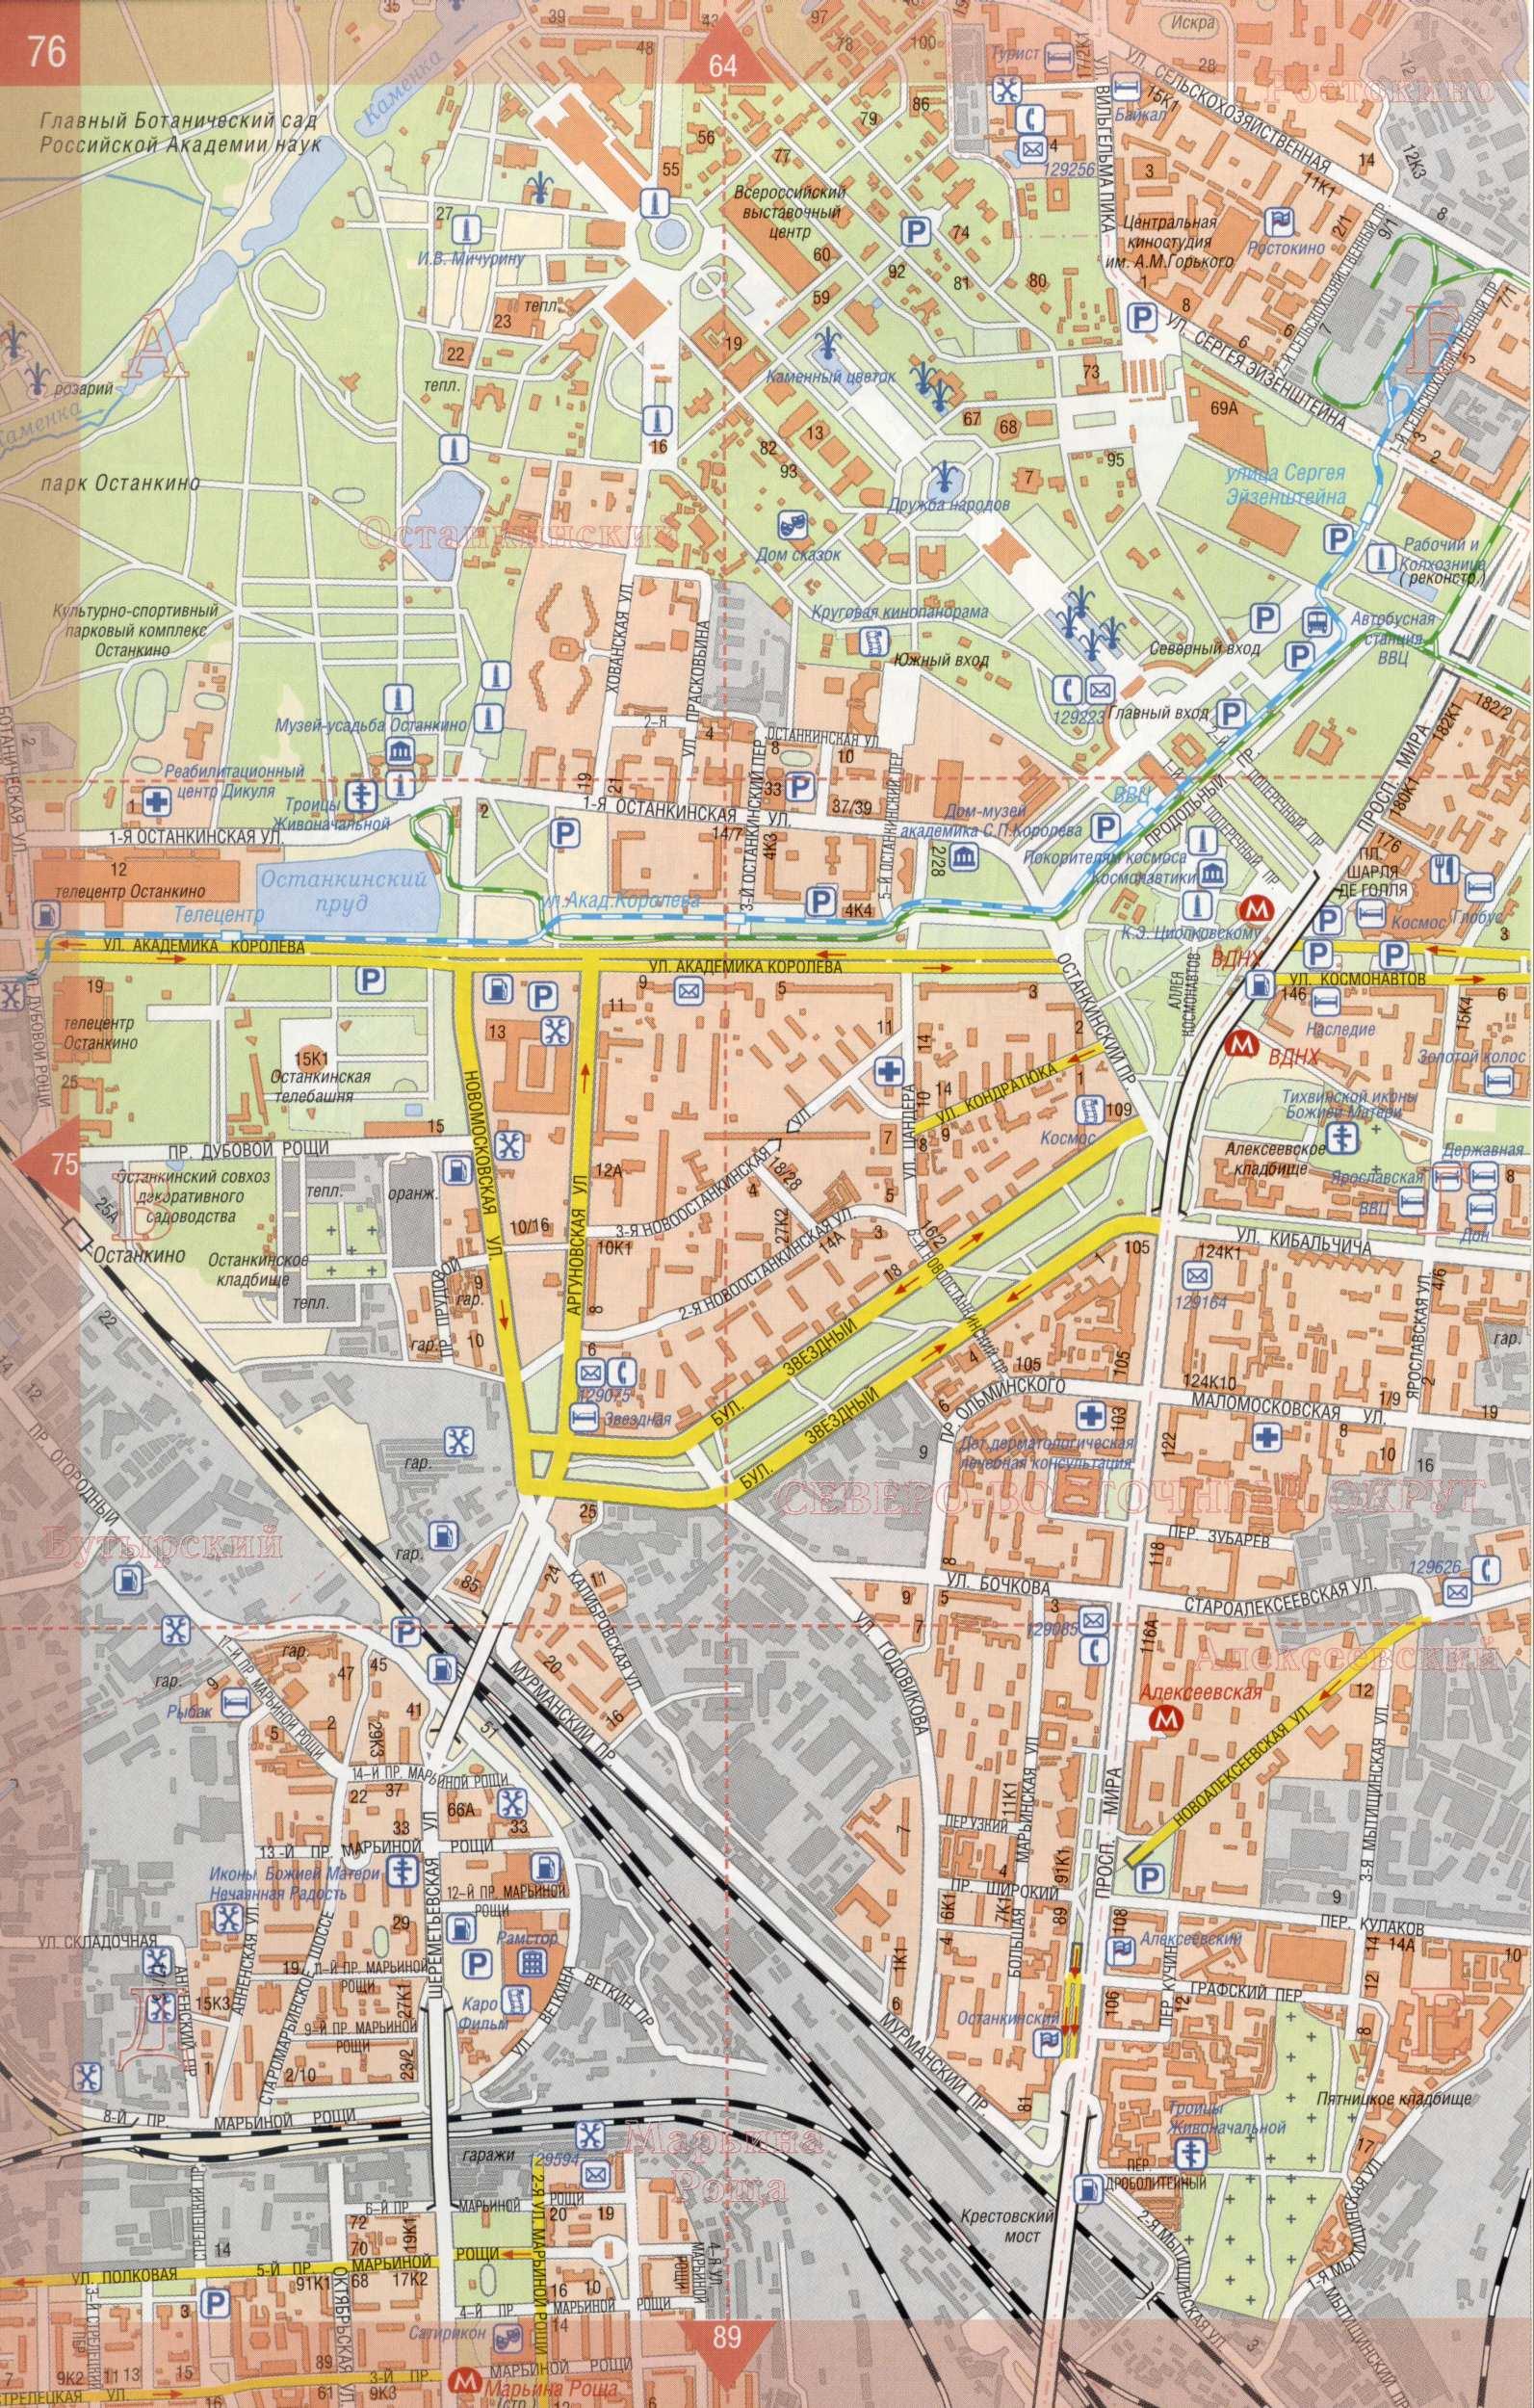 Карта метро Москвы  схема метро Москвы